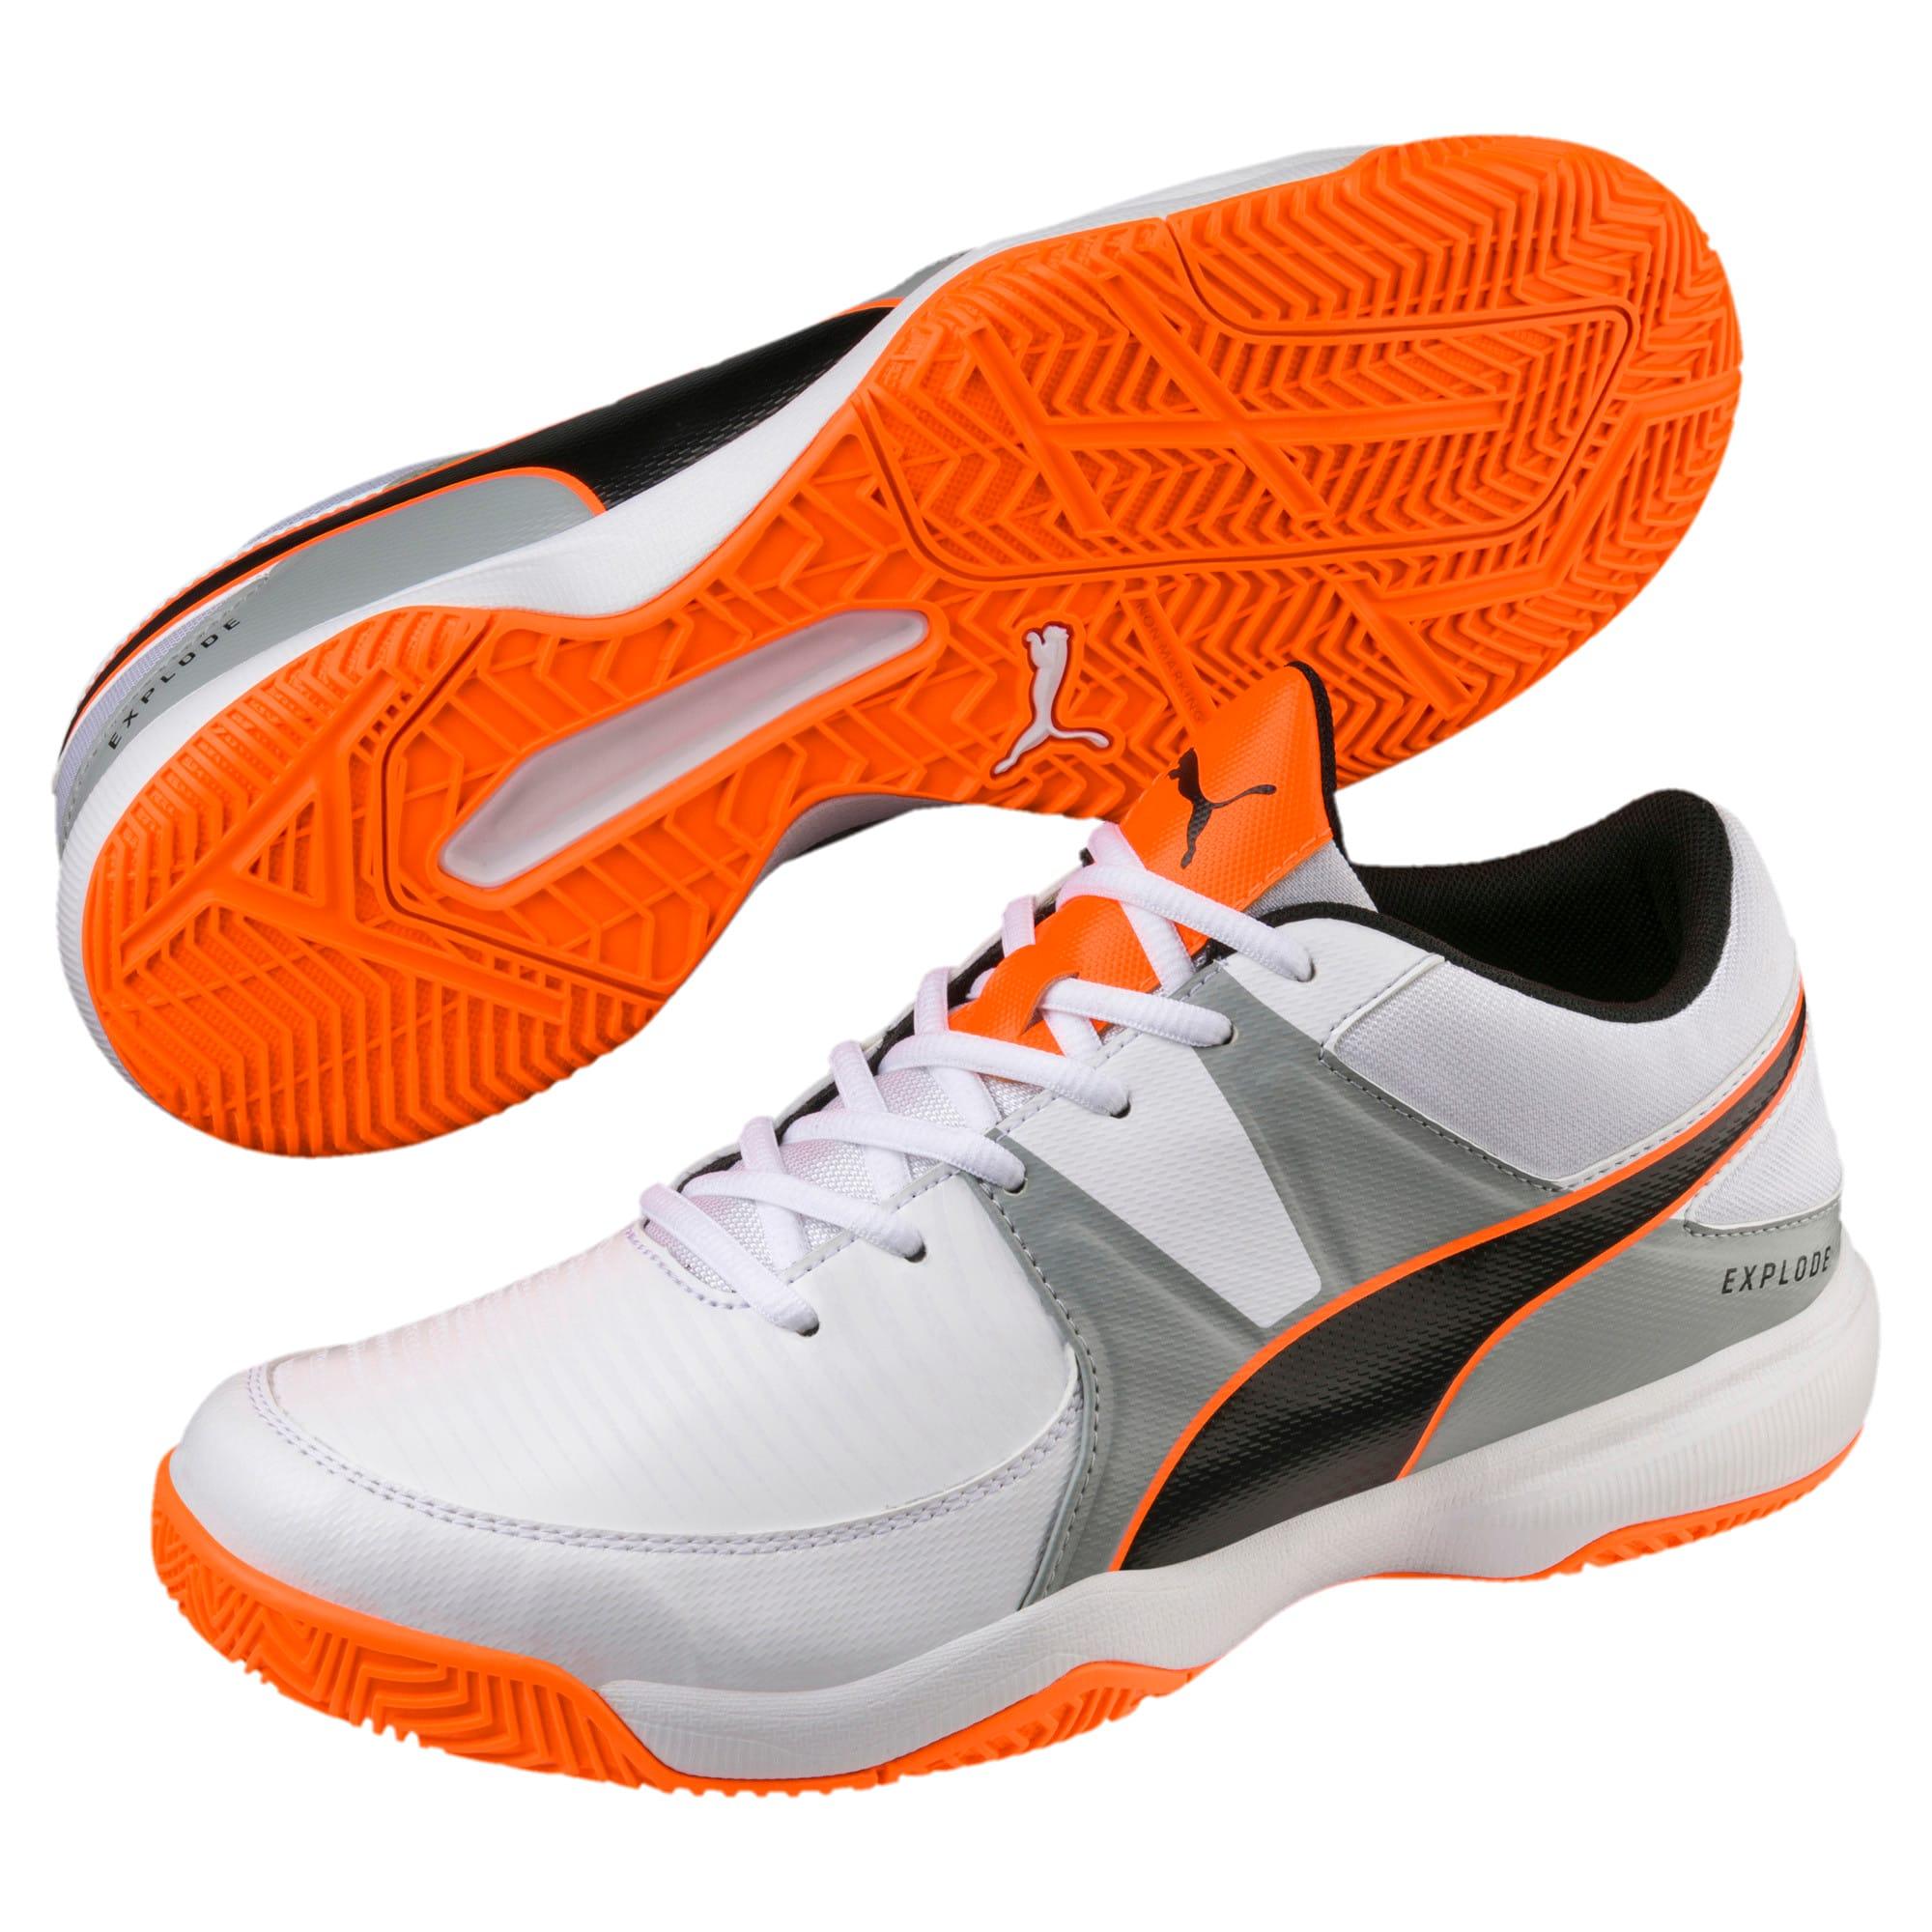 Thumbnail 2 of Explode 3 Men's Indoor Training Shoes, White-Quarry-Orange, medium-IND